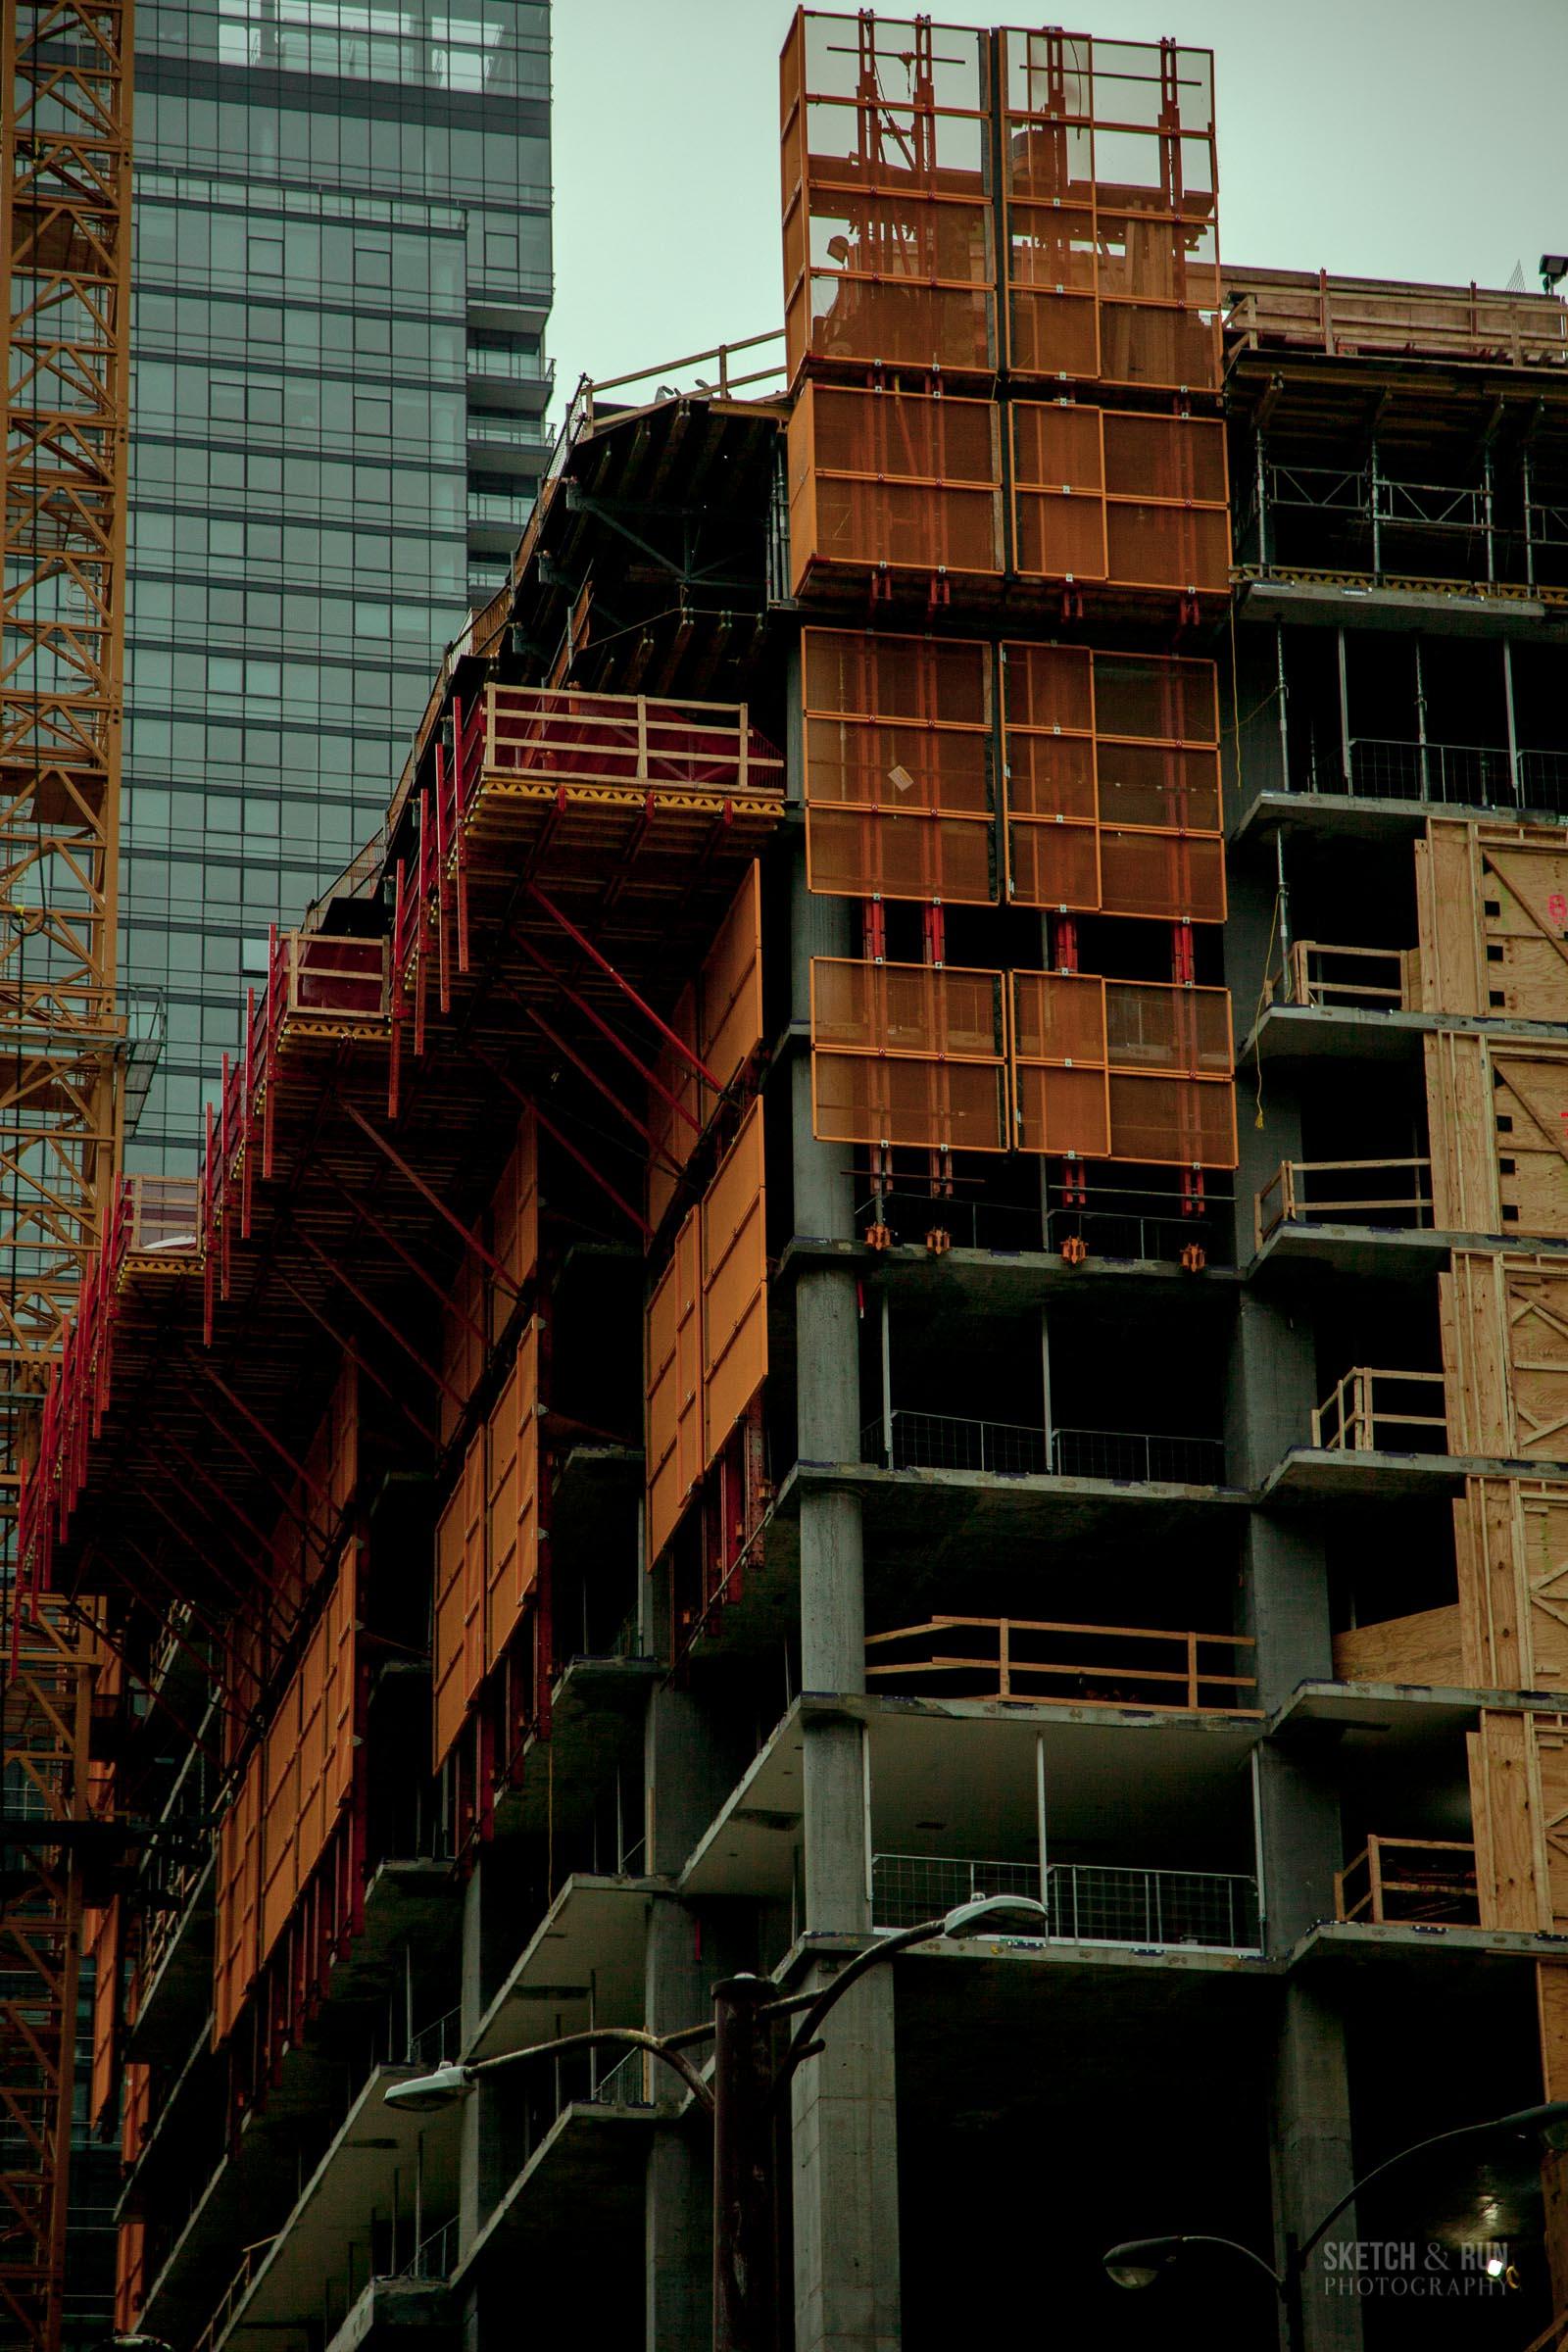 ChicagoBlogLQ-60.jpg